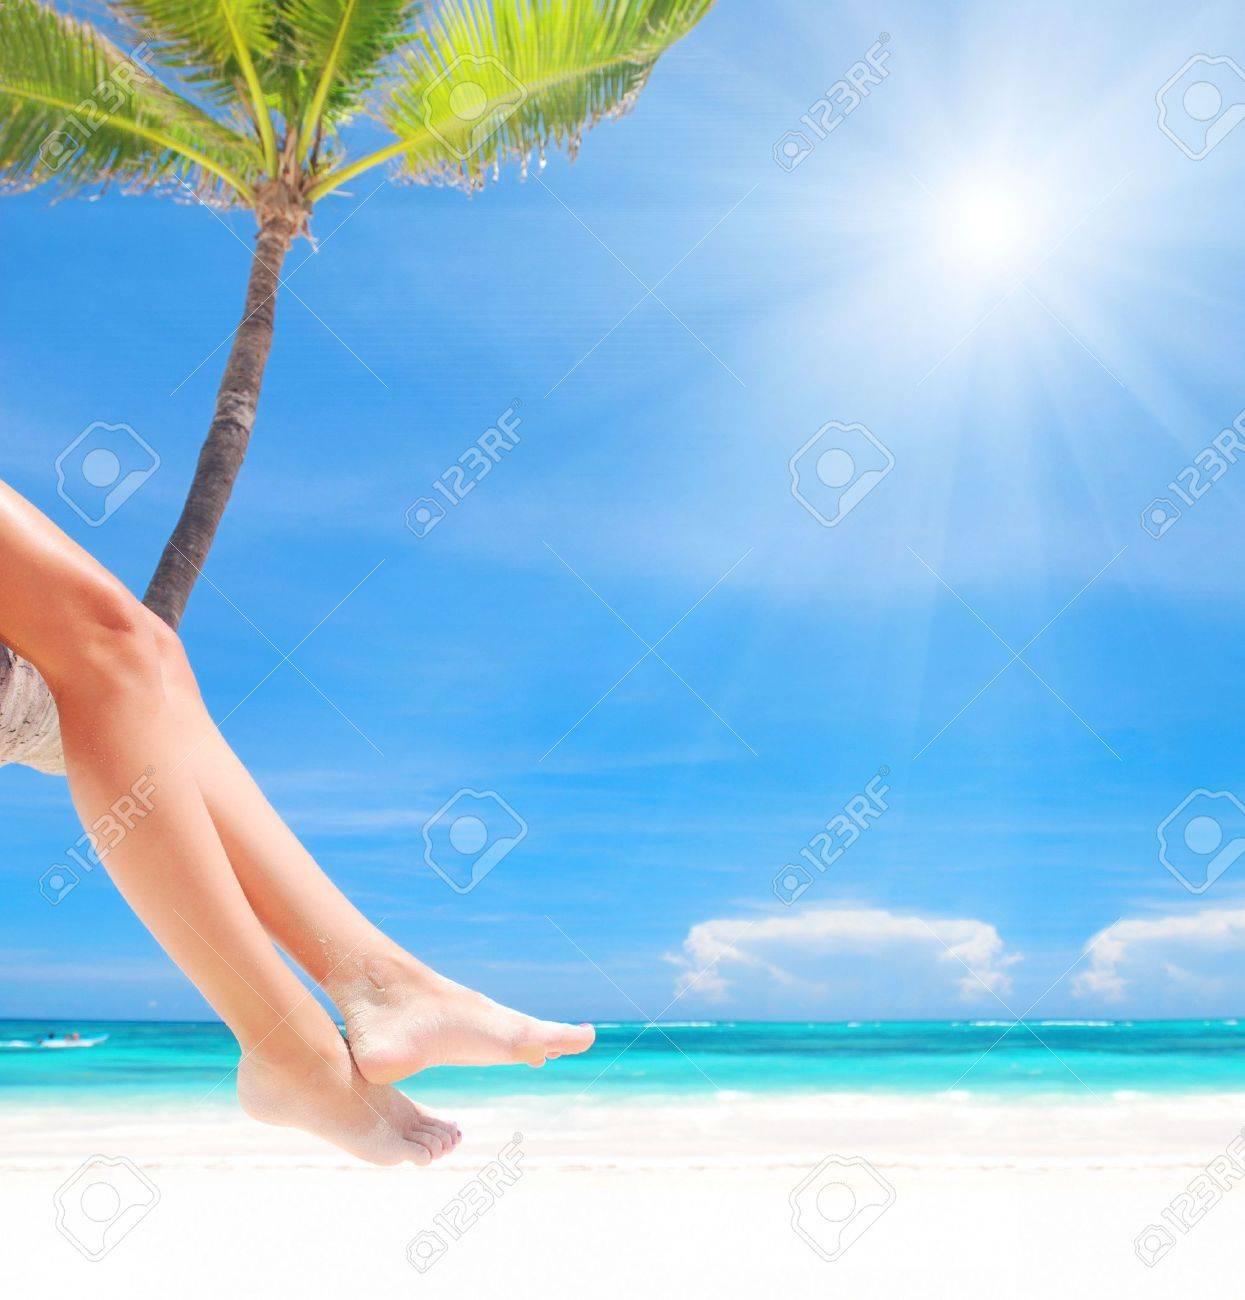 Woman on palm on caribbean beach - 4935628